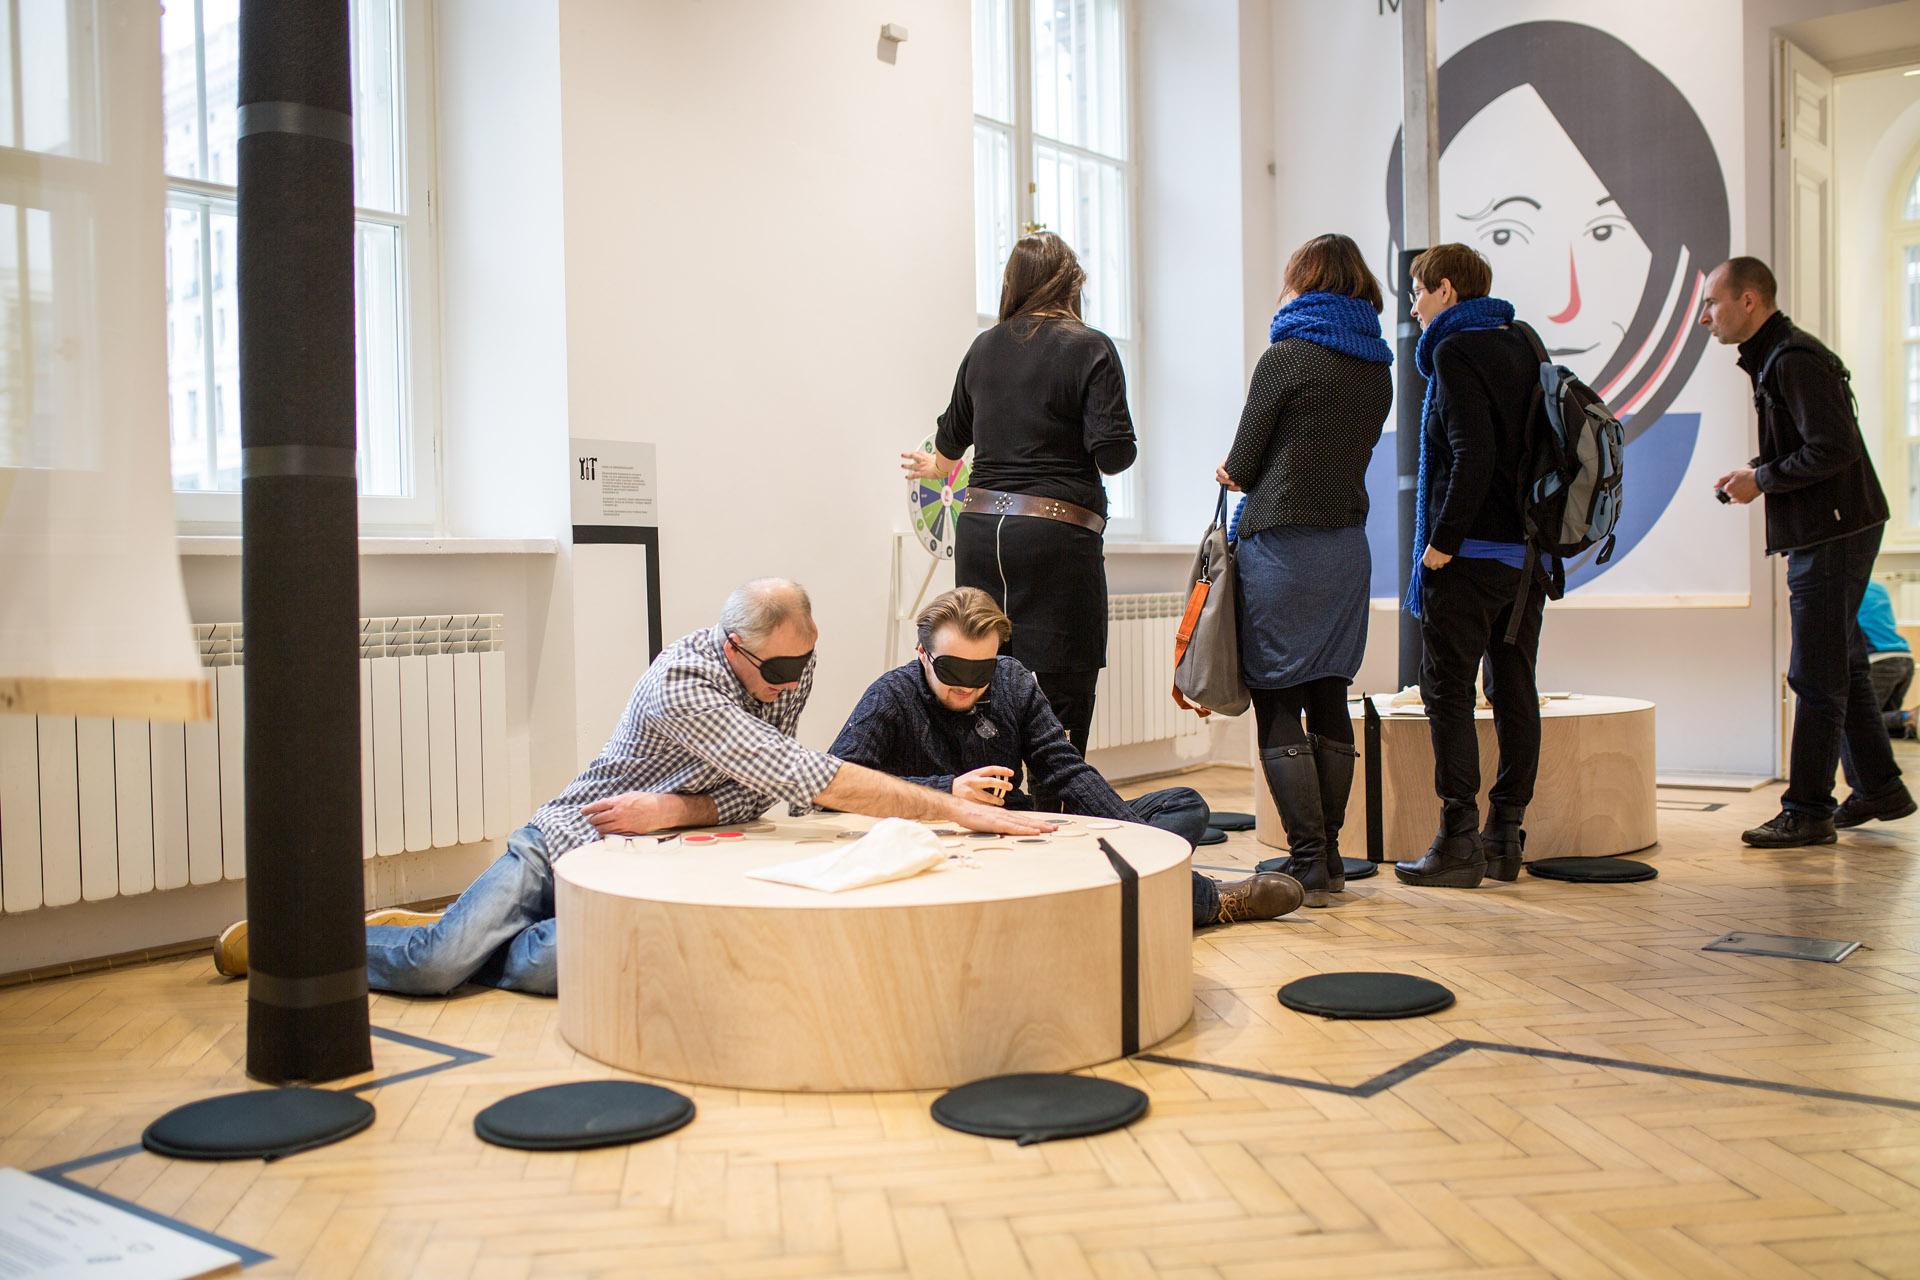 Fotografia kolorowa przedstawiająca wnętrze: drewniany parkiet, okna oraz cylindryczny, płaski kubik po środku. Przy kubiku siedzą dwie osoby z czarnymi przepaskami na oczach. Stojący obok ludzie przyglądają się obiektowi znajdującemu się obok okna.